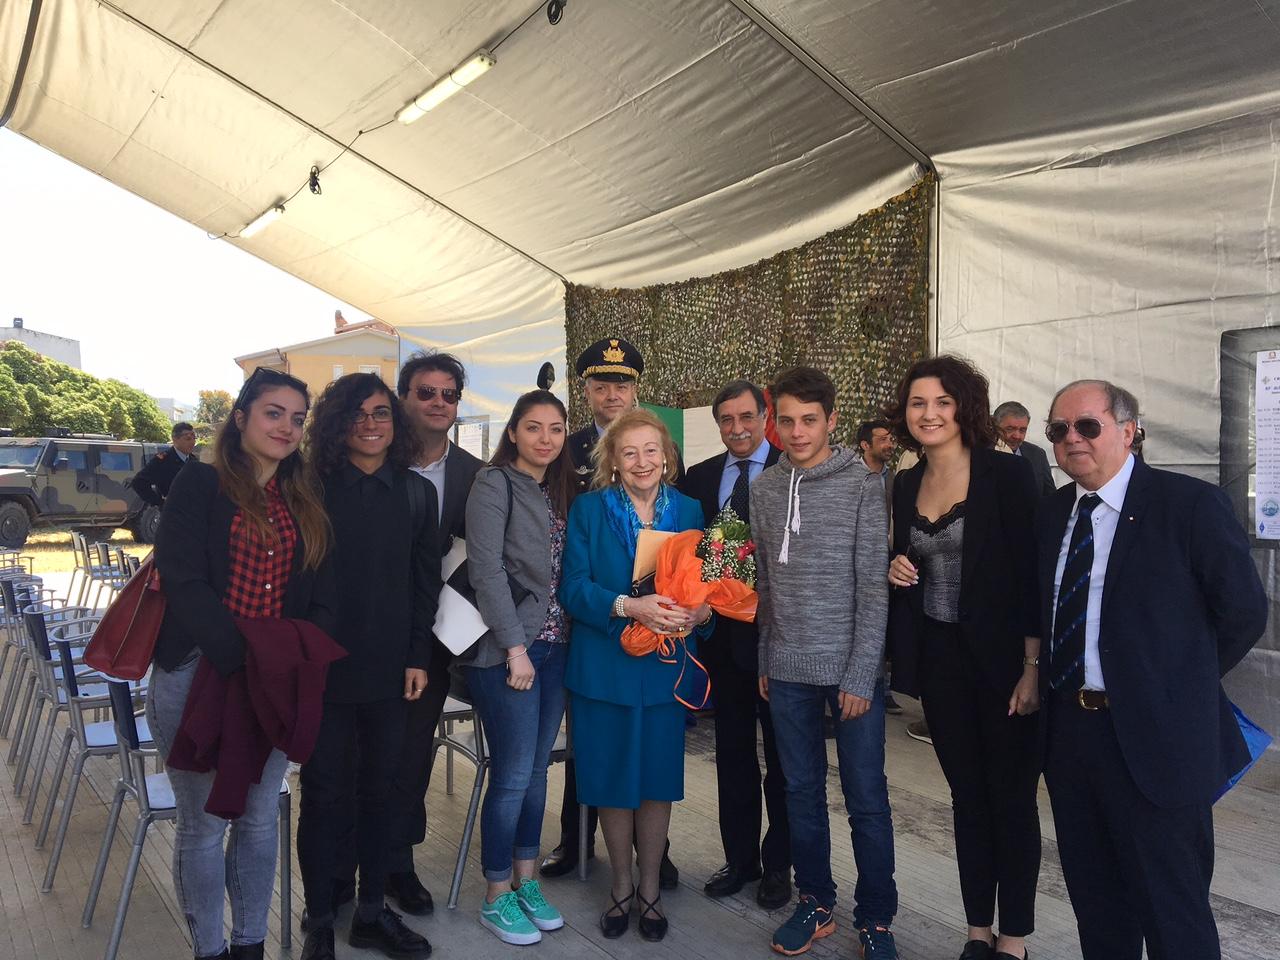 International Marconi Day 2017: nasce l'idea di uno spazio tematico a Torre Chiaruccia